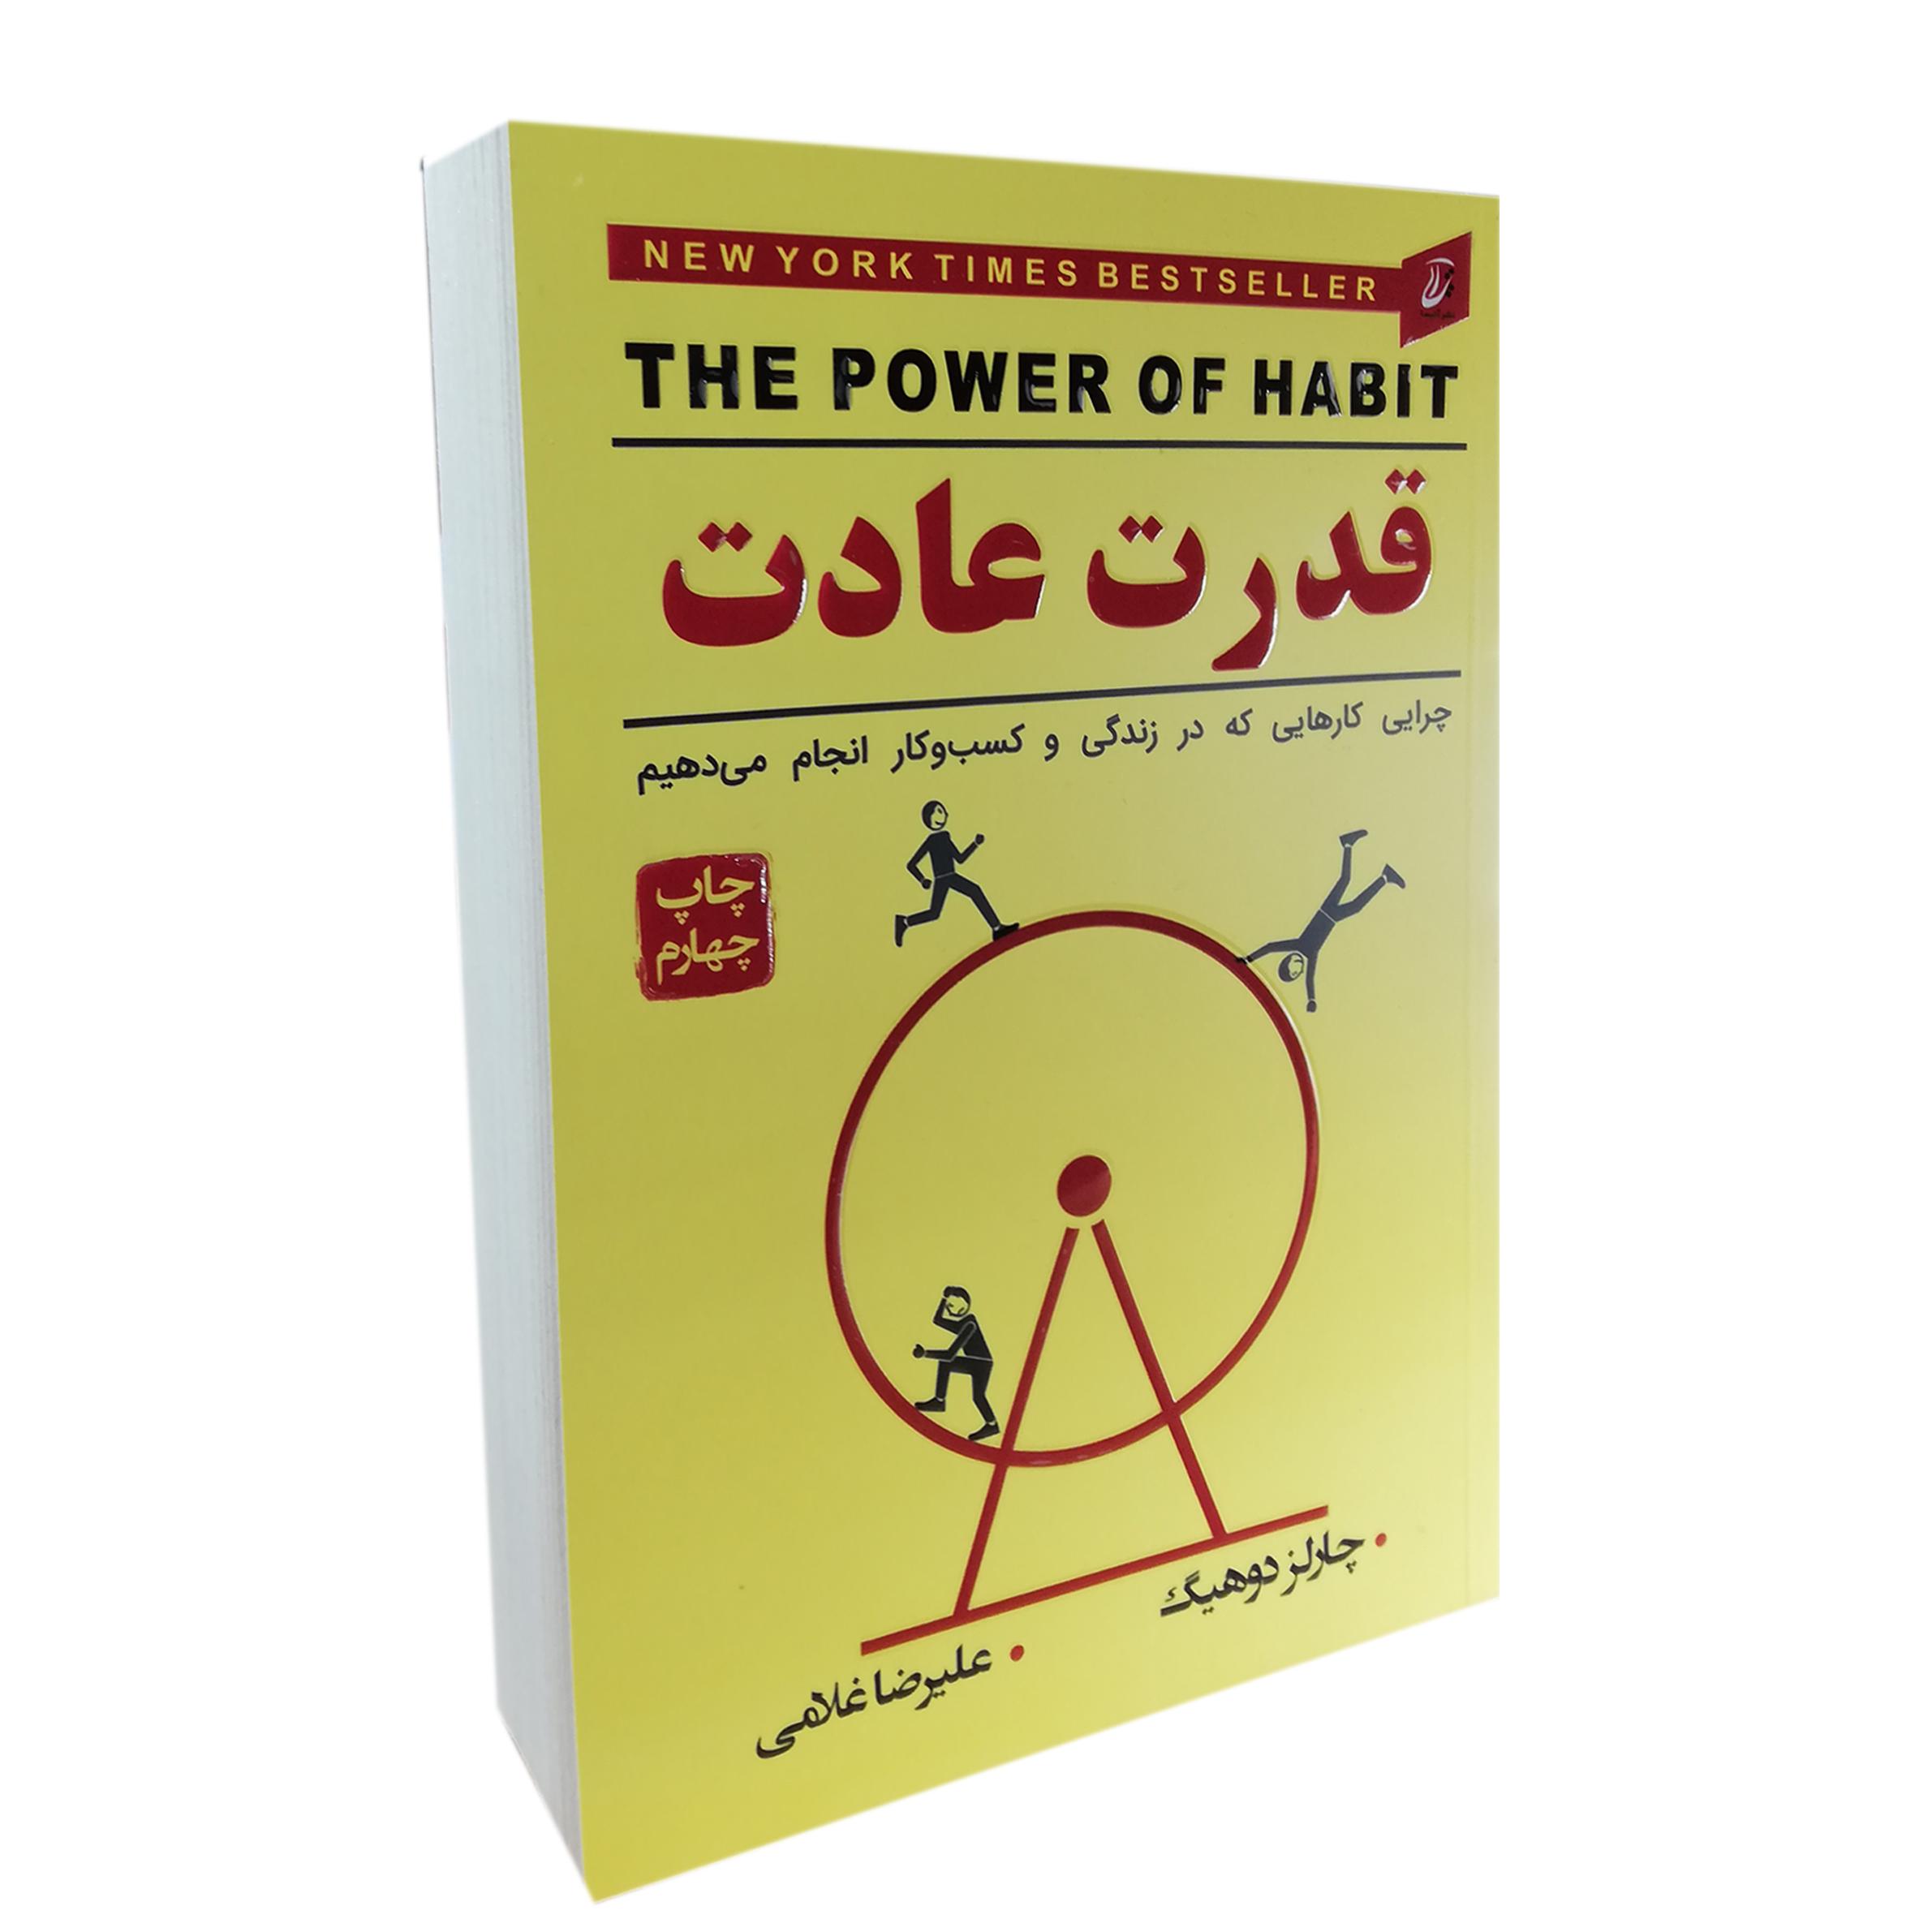 خرید ارزان کتاب قدرت عادت اثر چارلز دوهیگ از نشر آتیسا